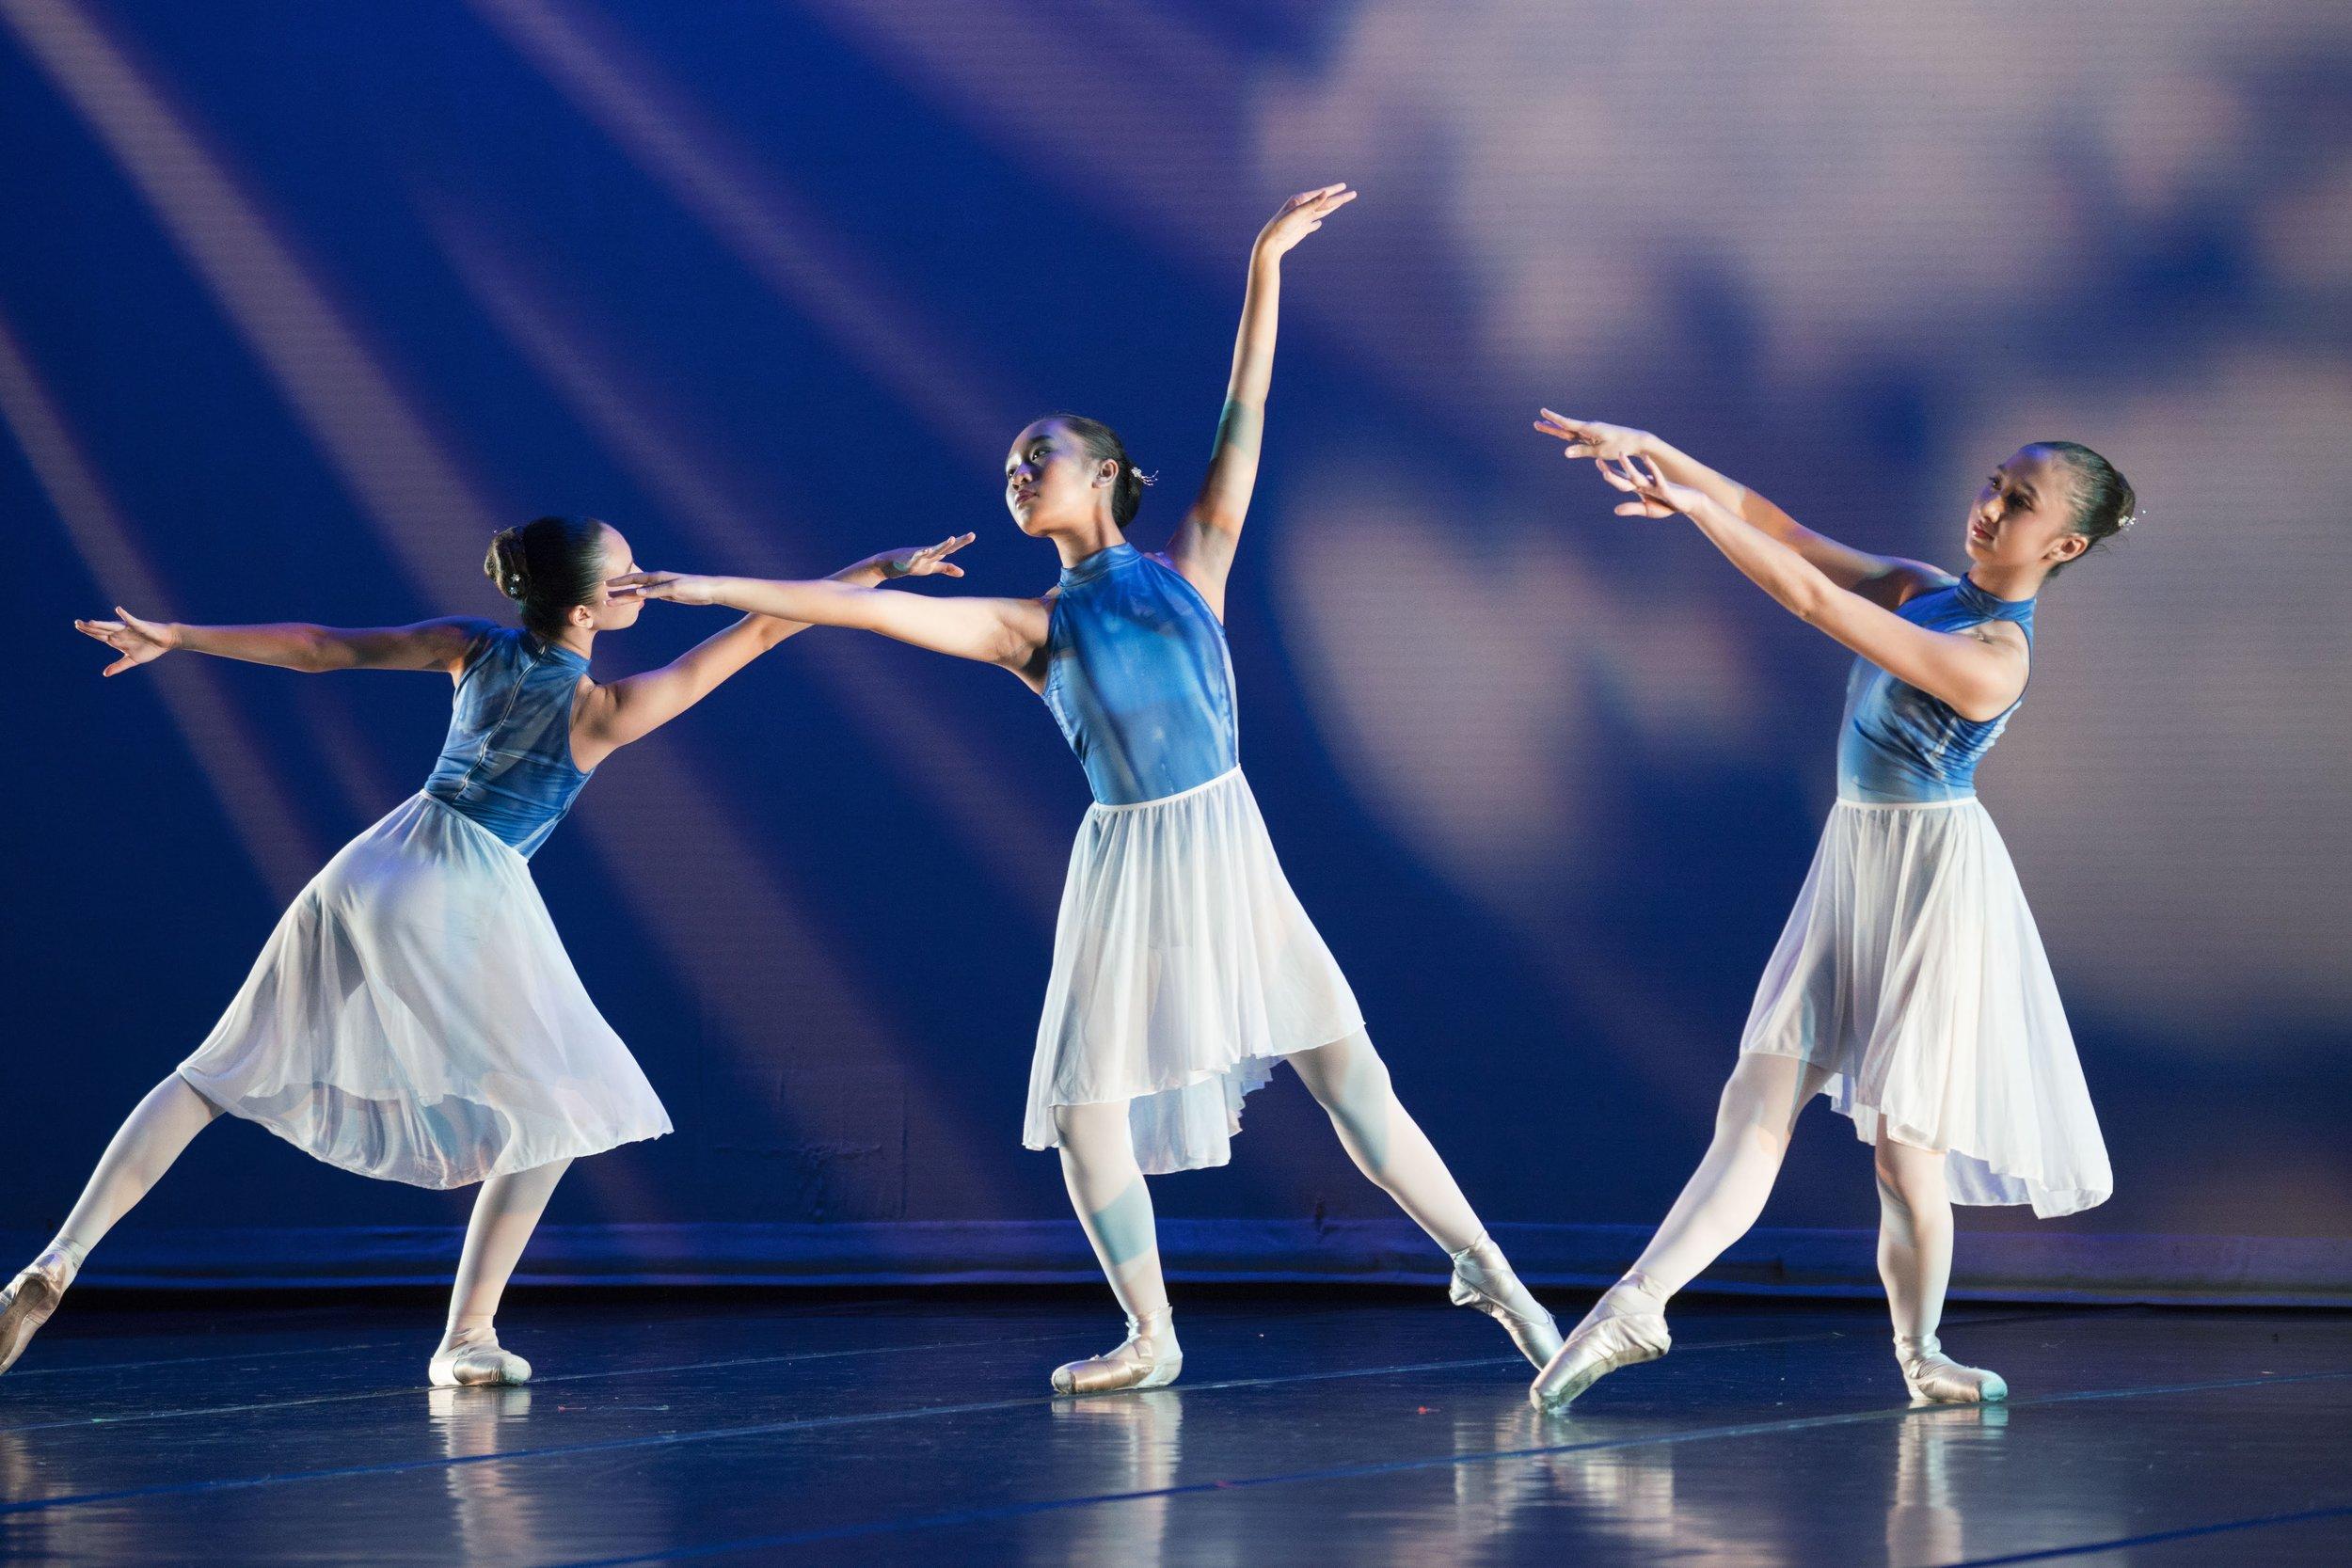 Queen Emma Ballet